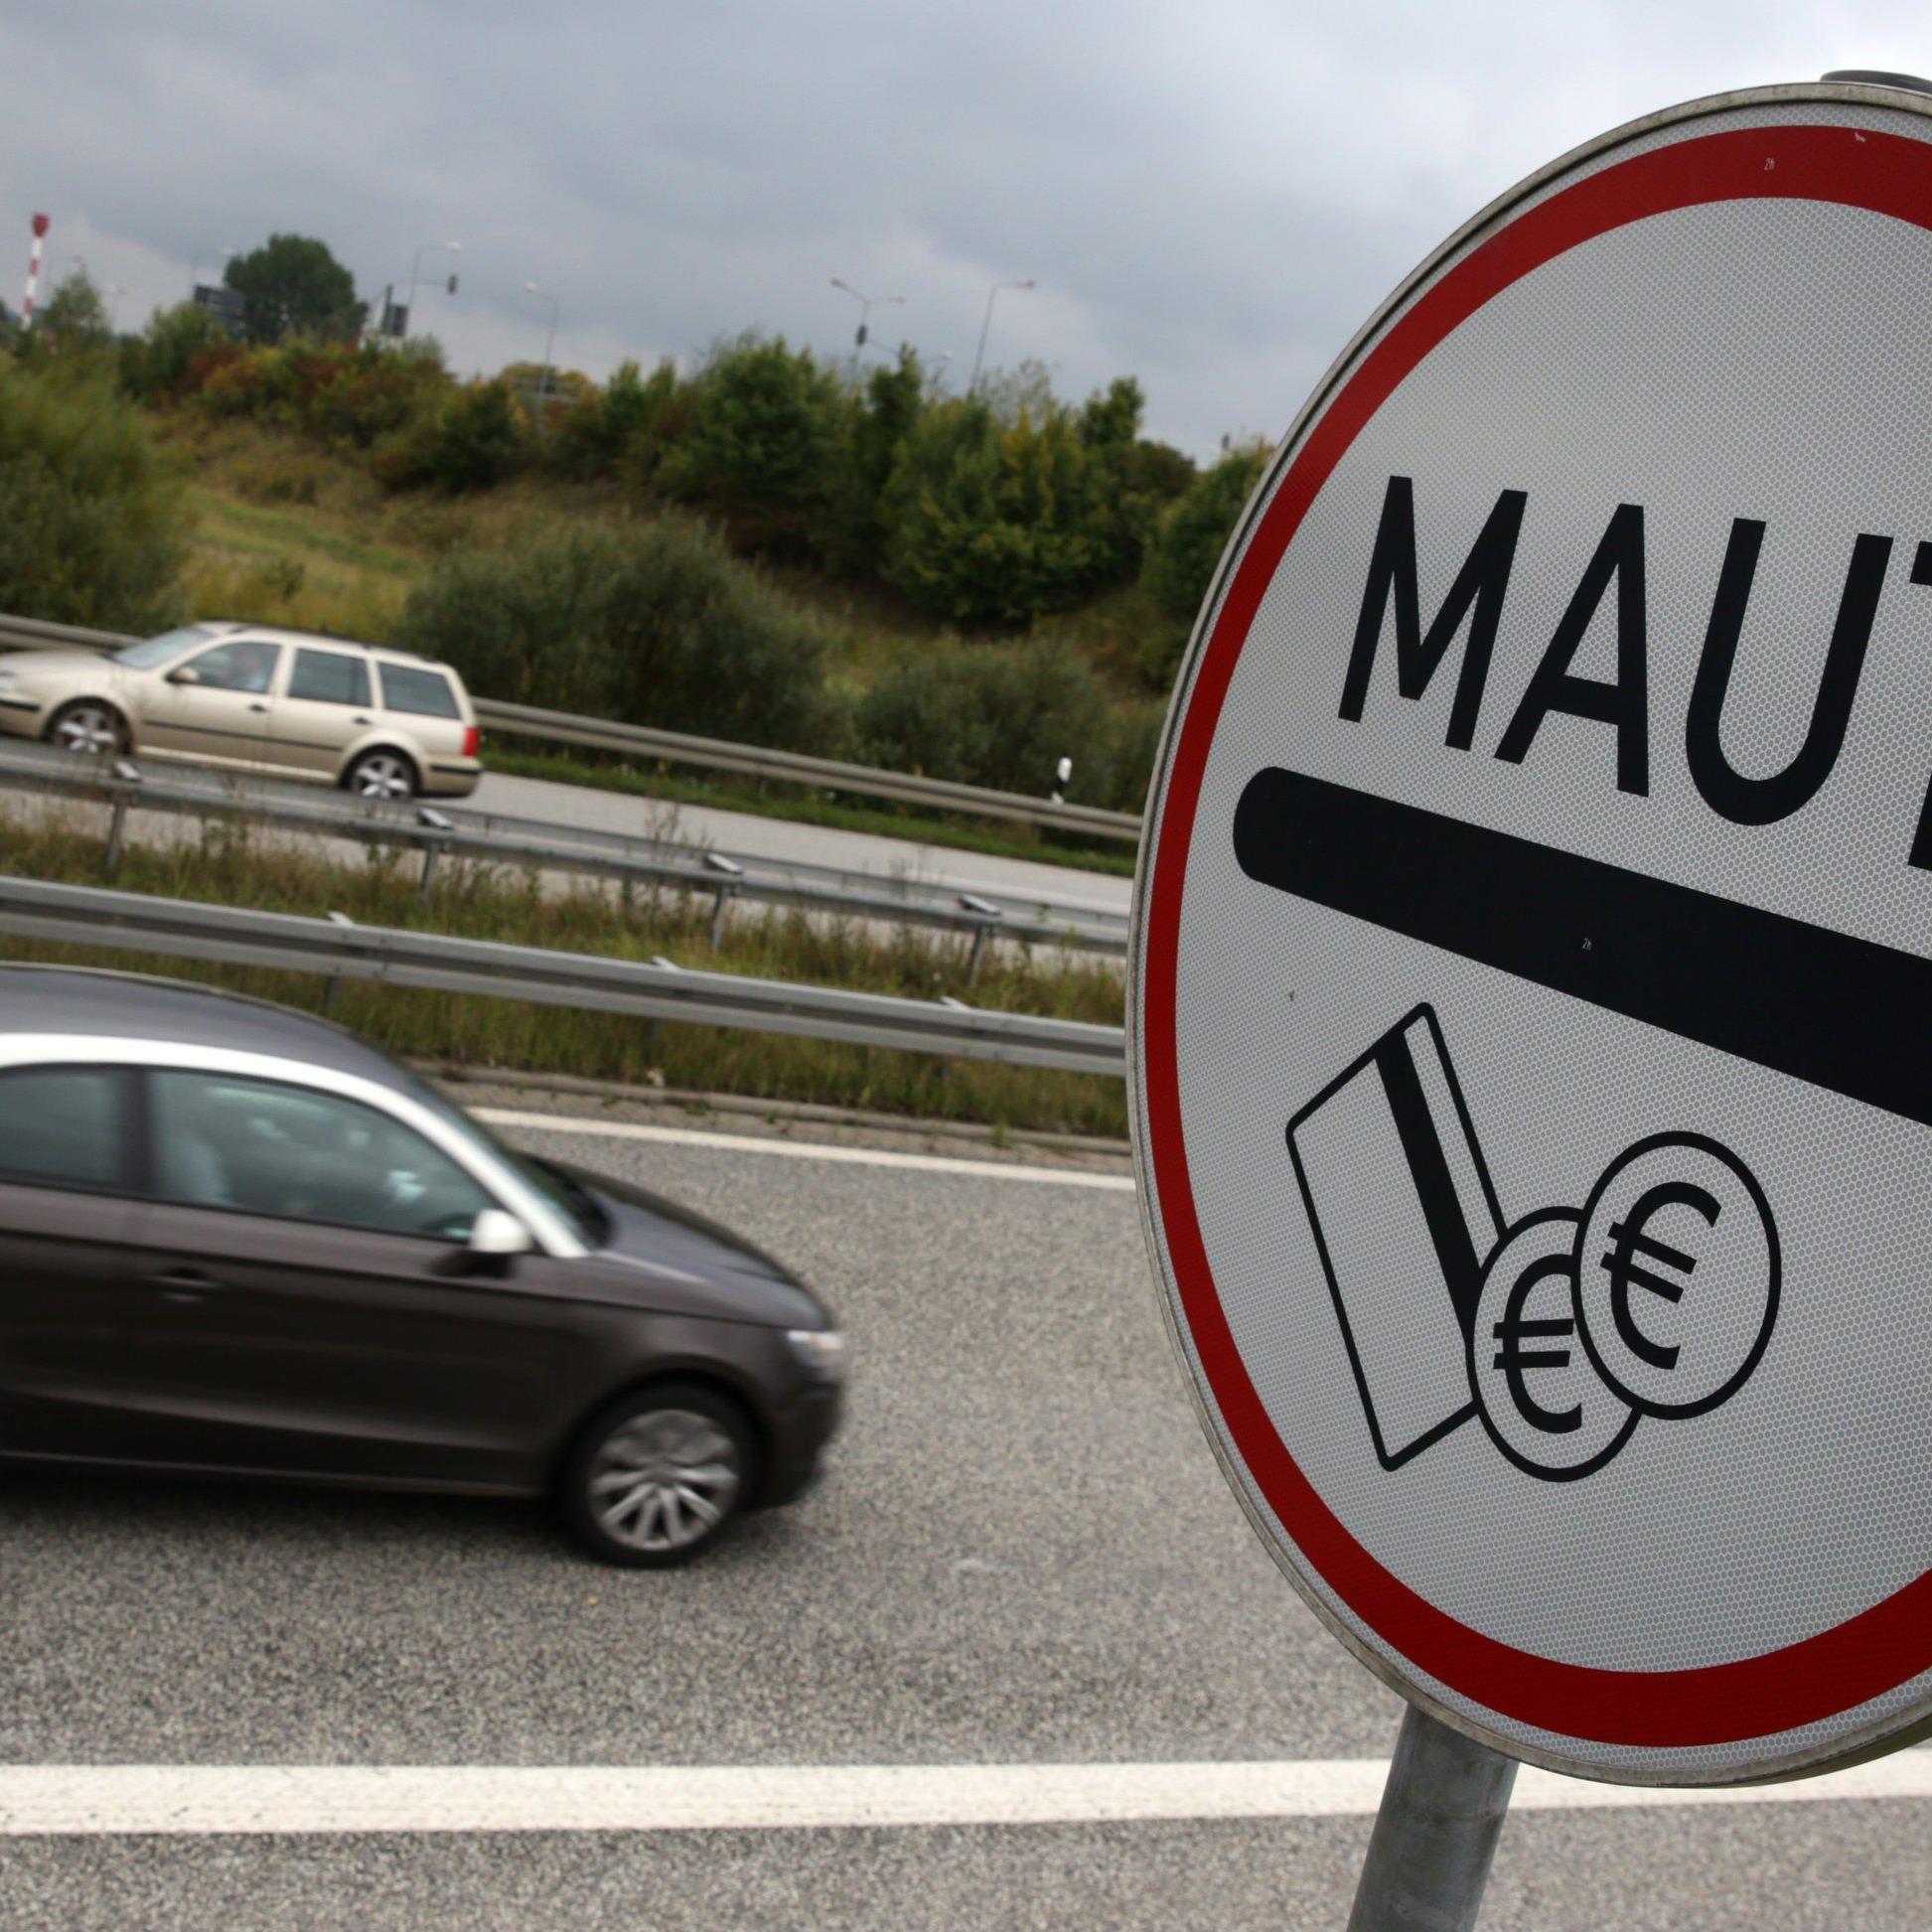 Deutsche Pkw-Maut: Prompte Klagen wurden nicht angekündigt.